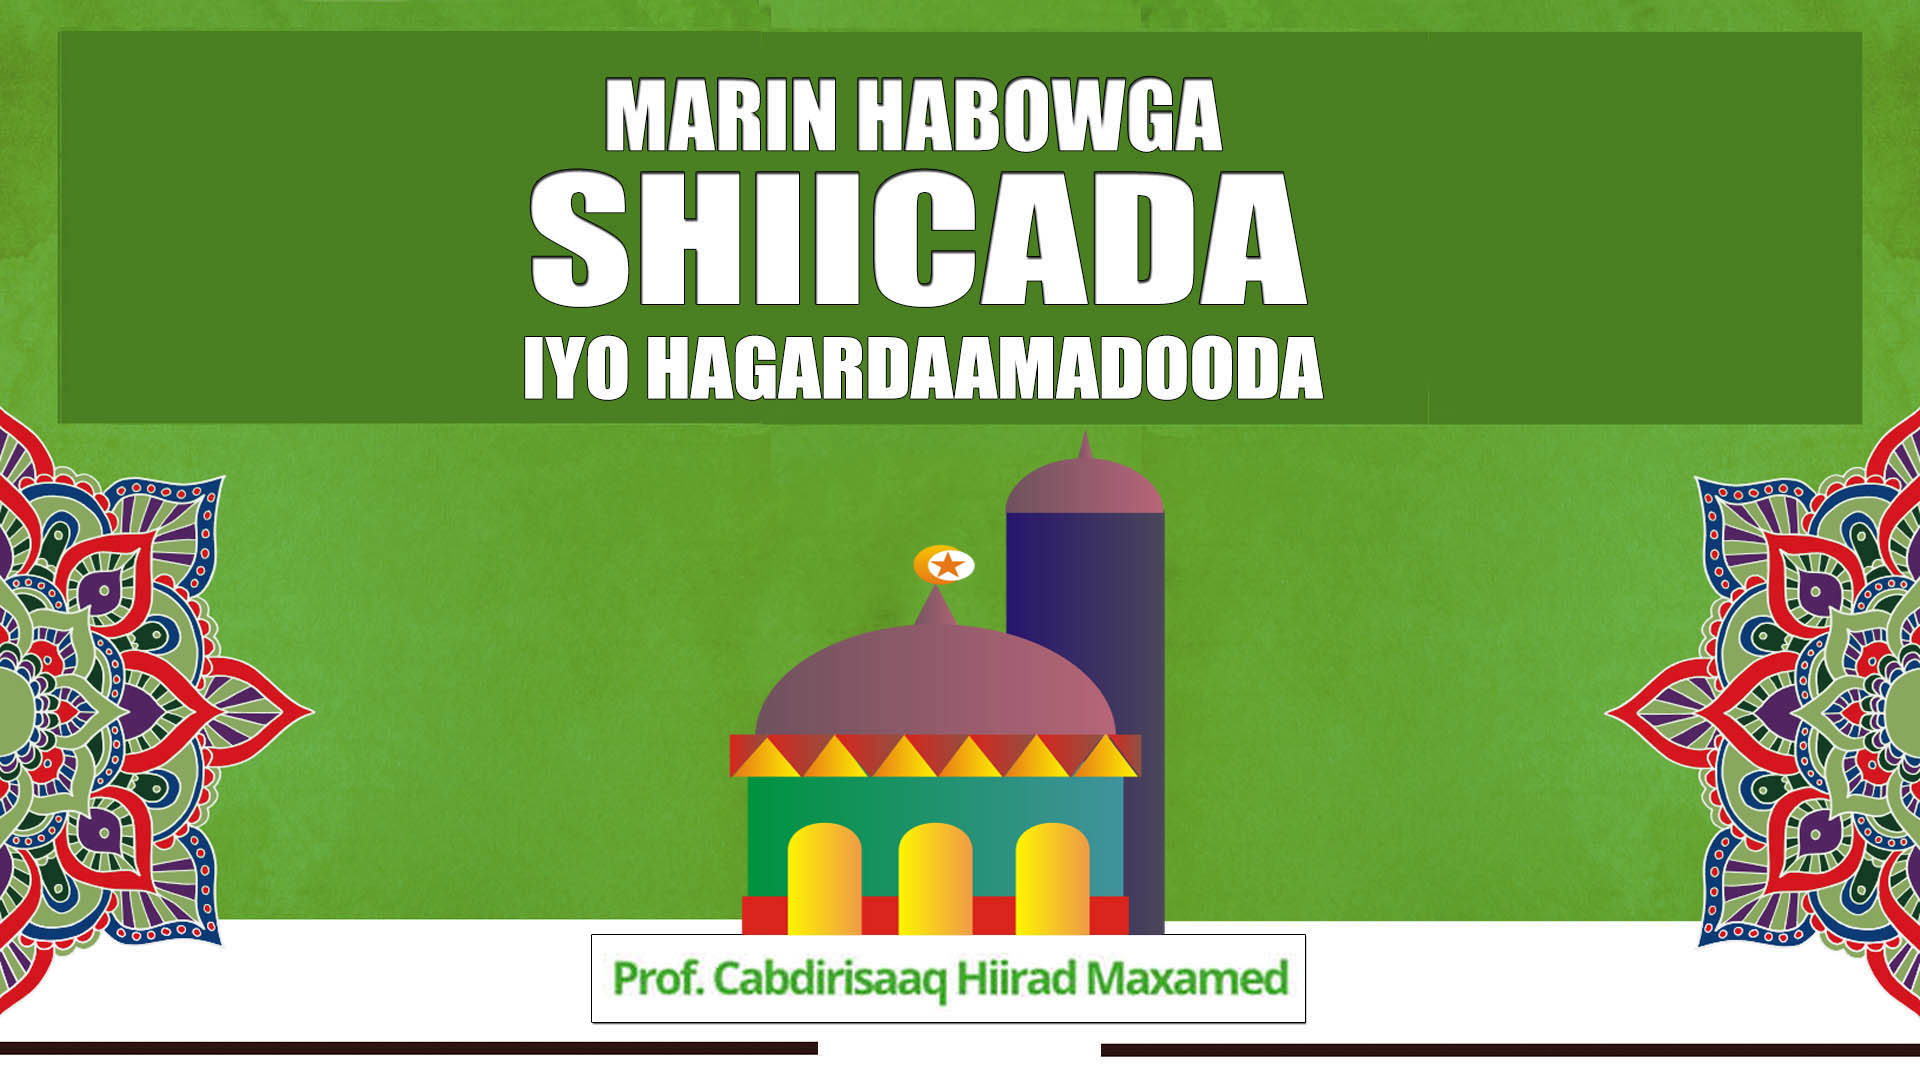 Marin Habowga Shiicada Iyo Hagar Daamadooda